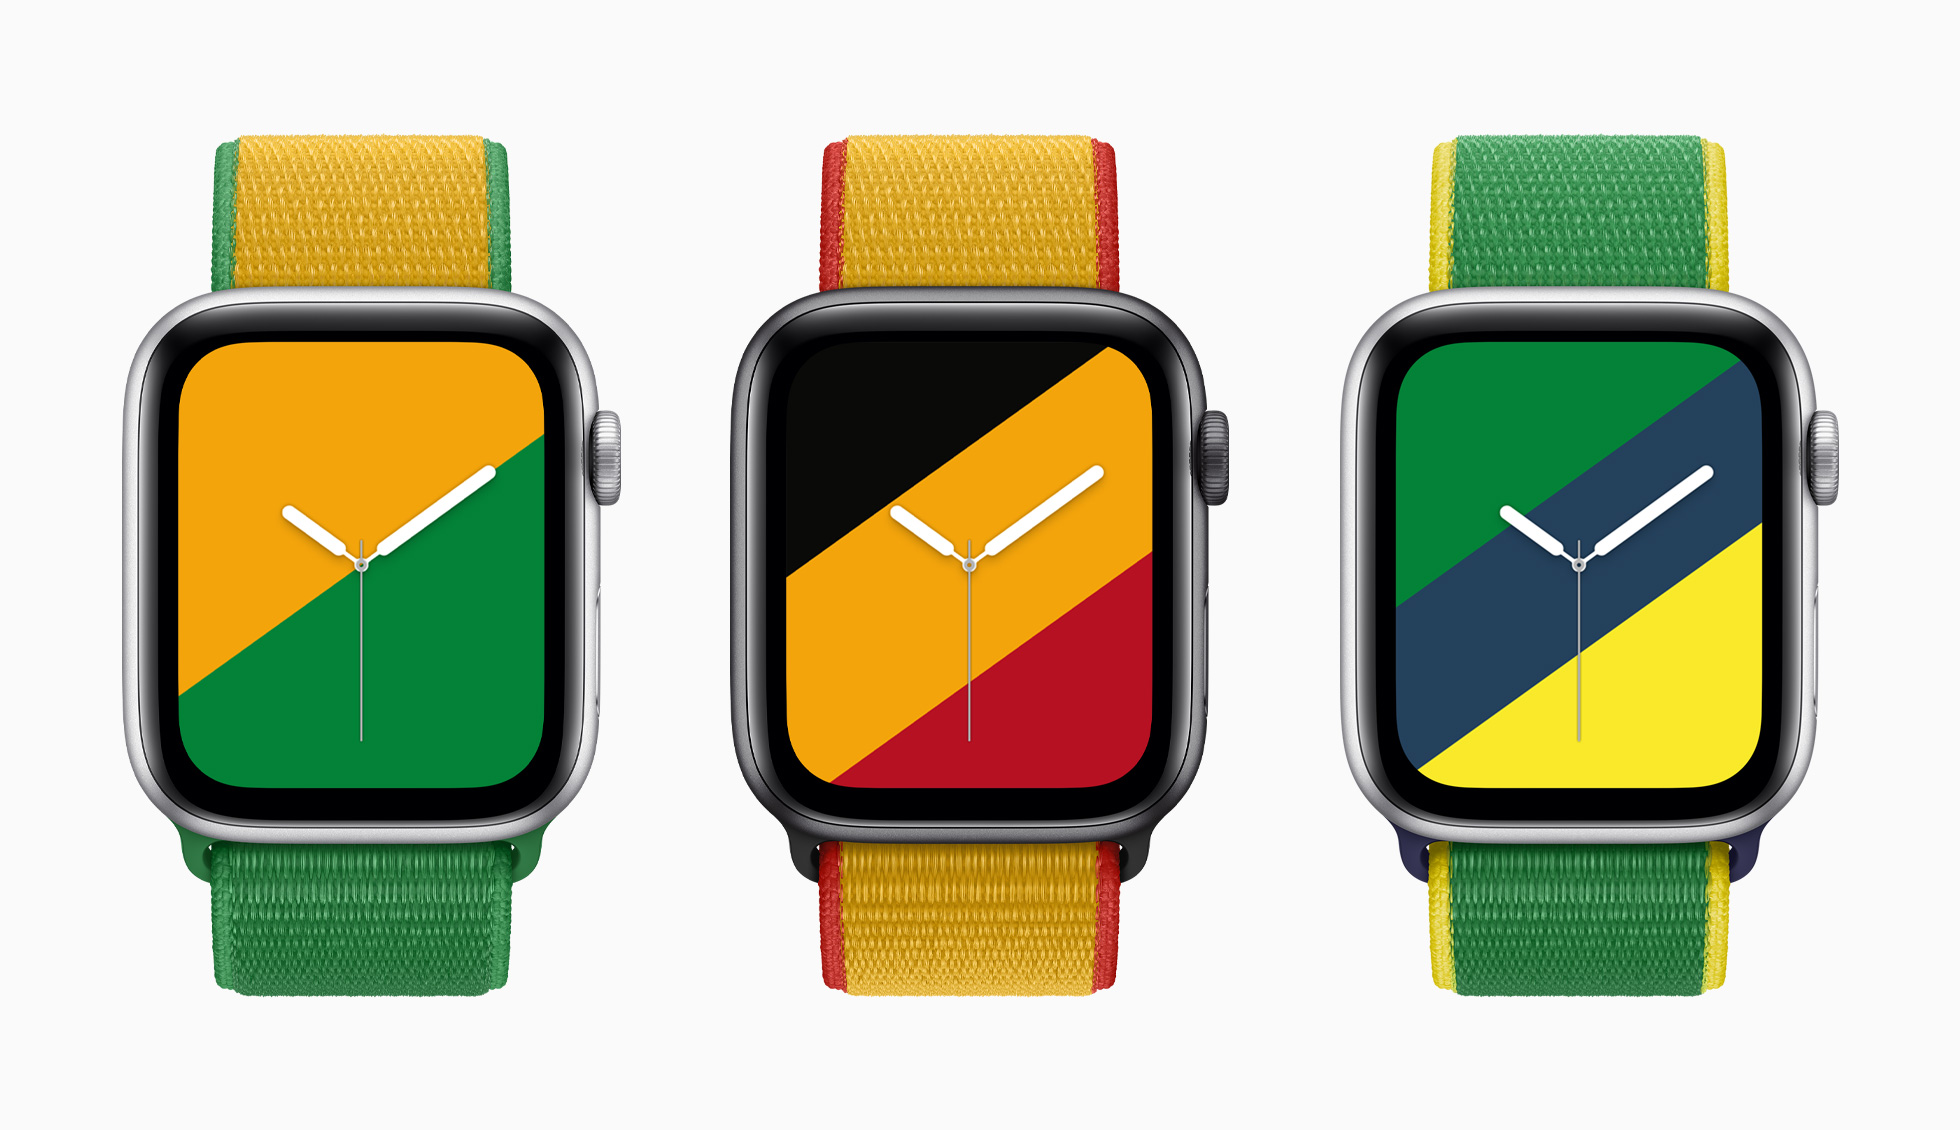 شركة أبل Apple تتألق بمجموعة أحزمة لساعاتها مستوحاة من دول العالم